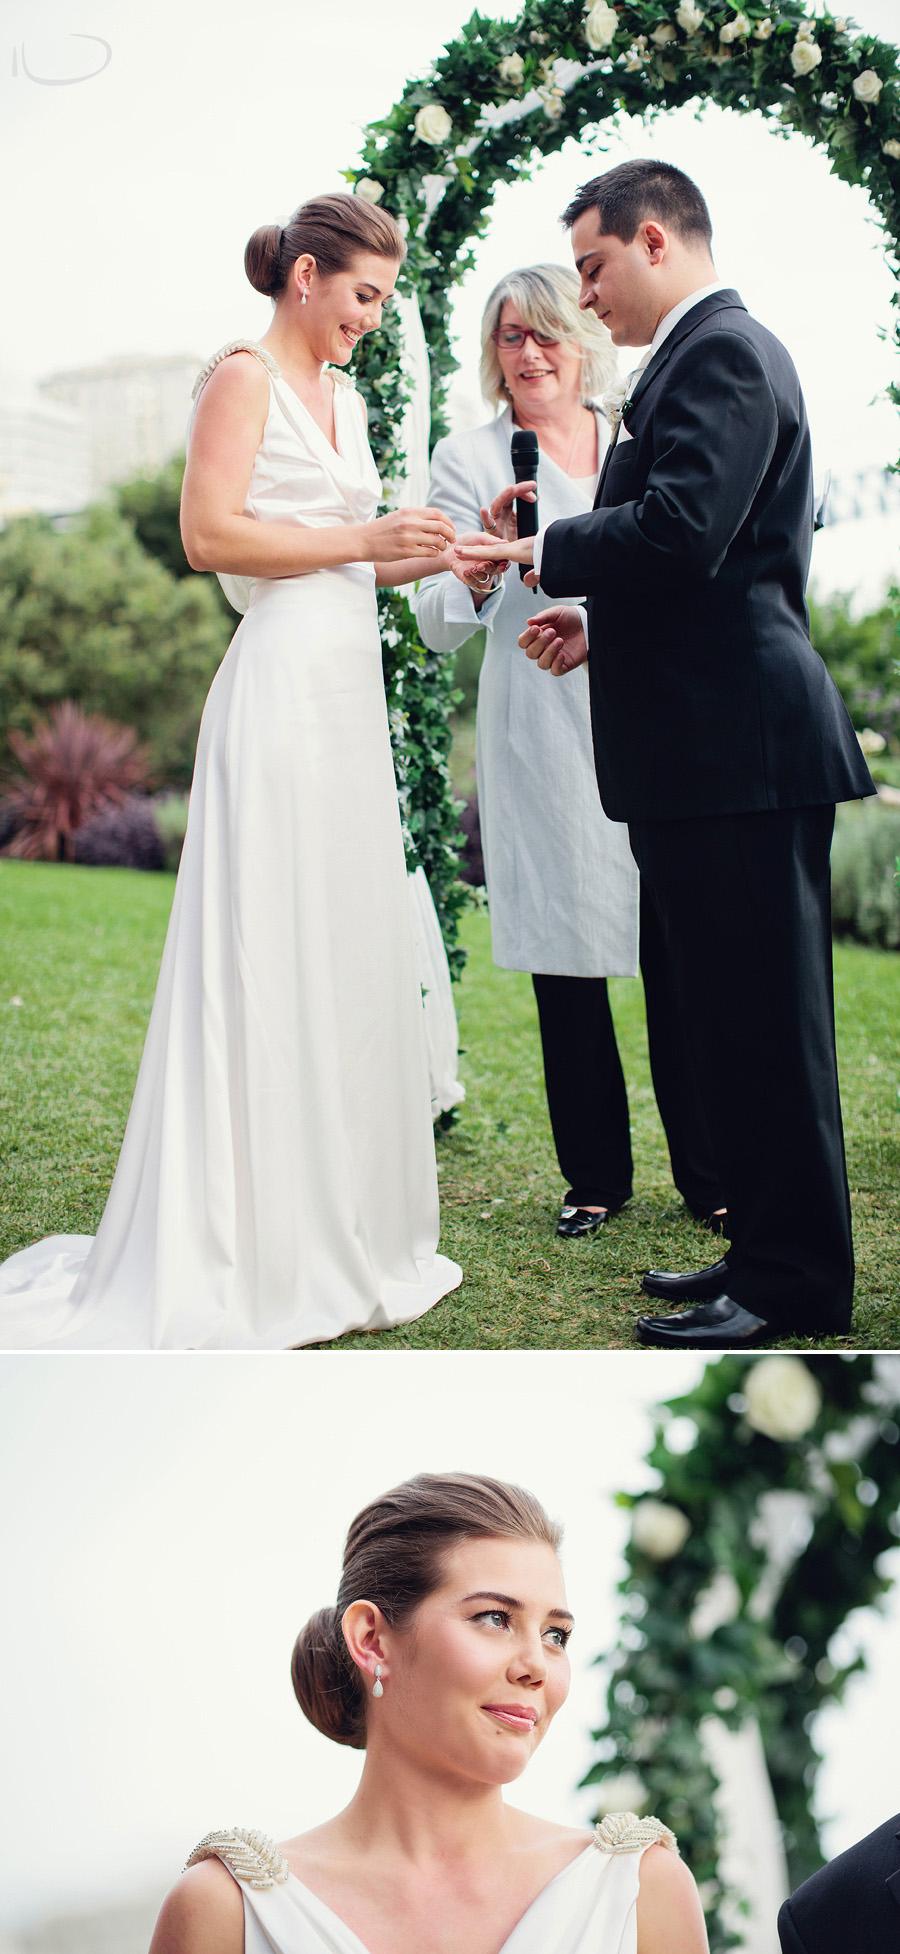 Romantic Wedding Photographer: Ring exchange